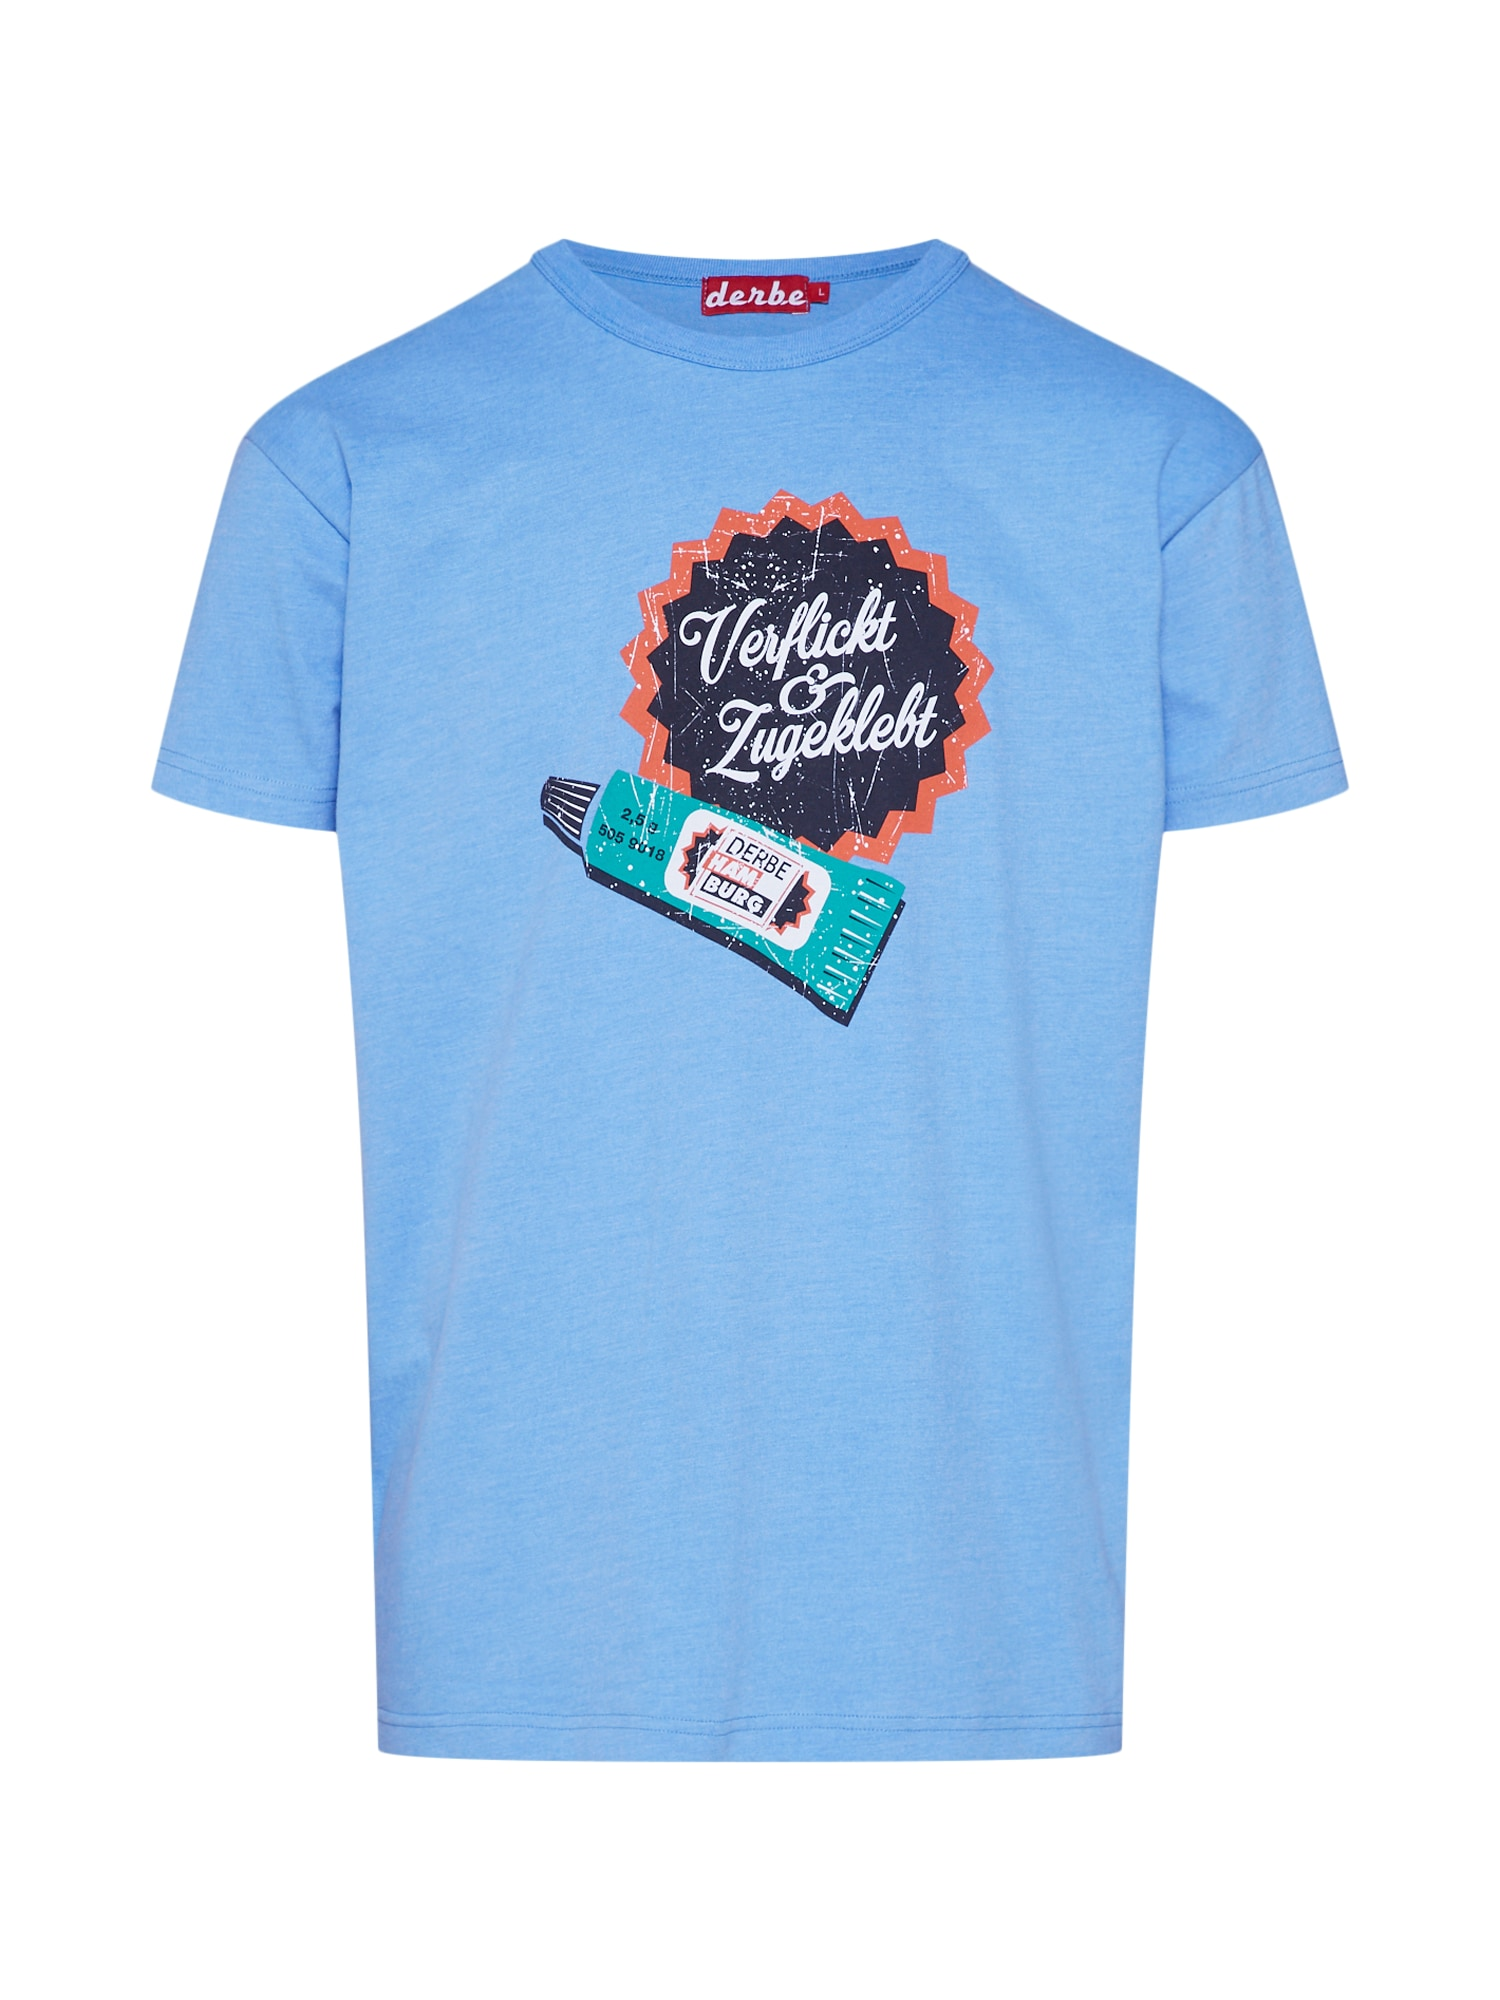 Tričko Verflickt nebeská modř mix barev Derbe